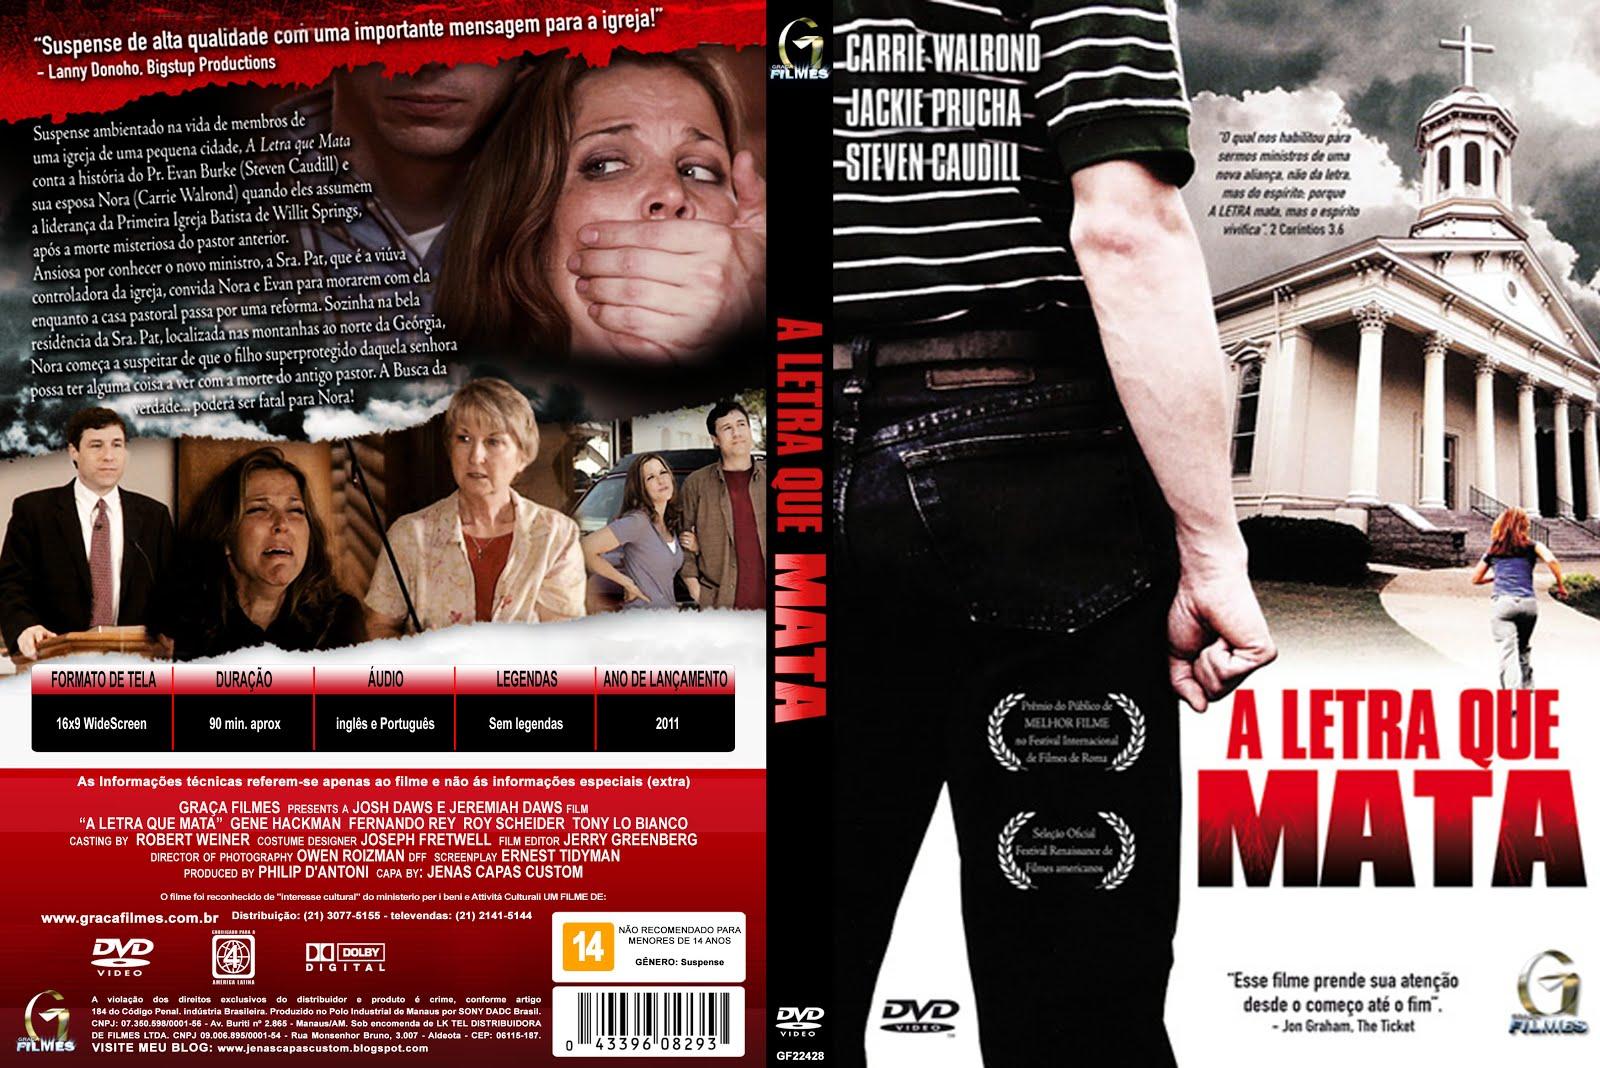 FILMES ONLINE: A LETRA QUE MATA